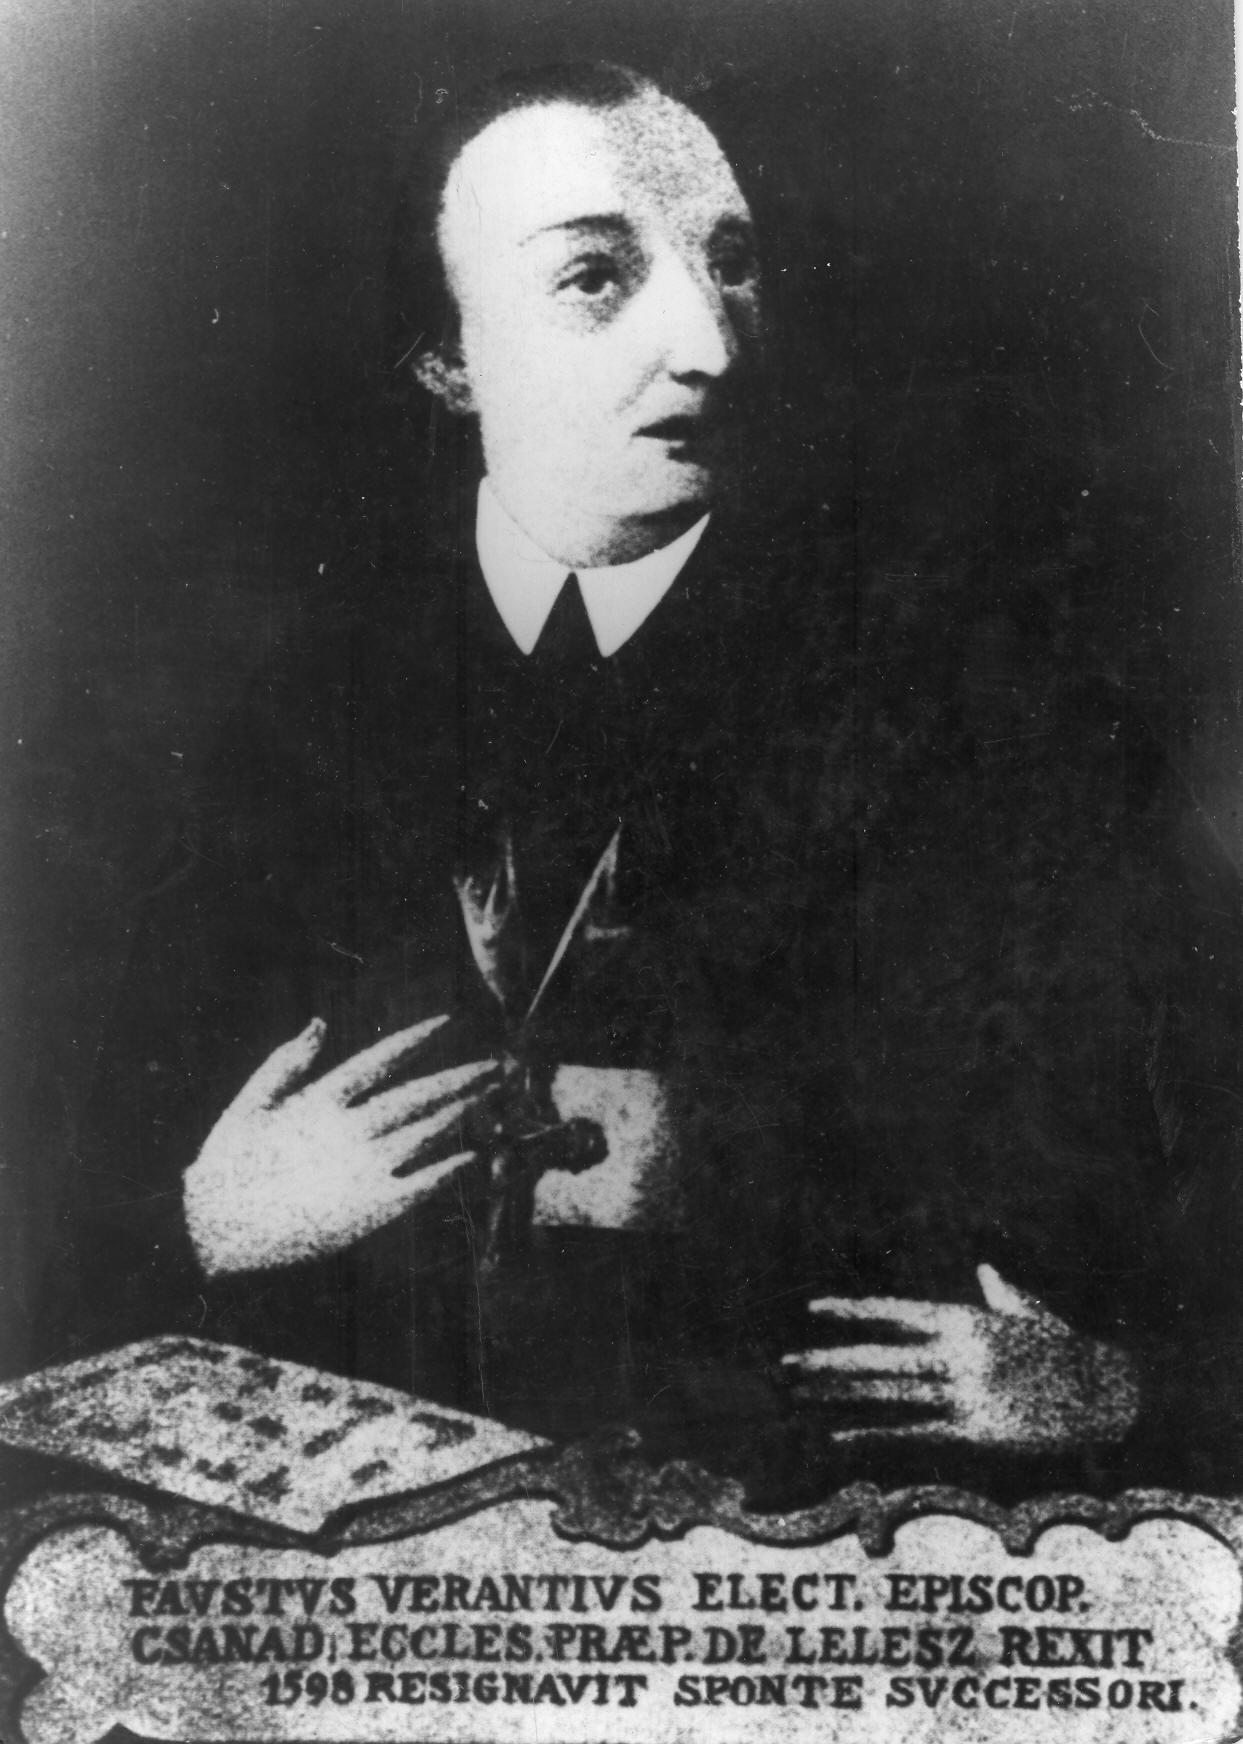 Portrait of Fausto Veranzio